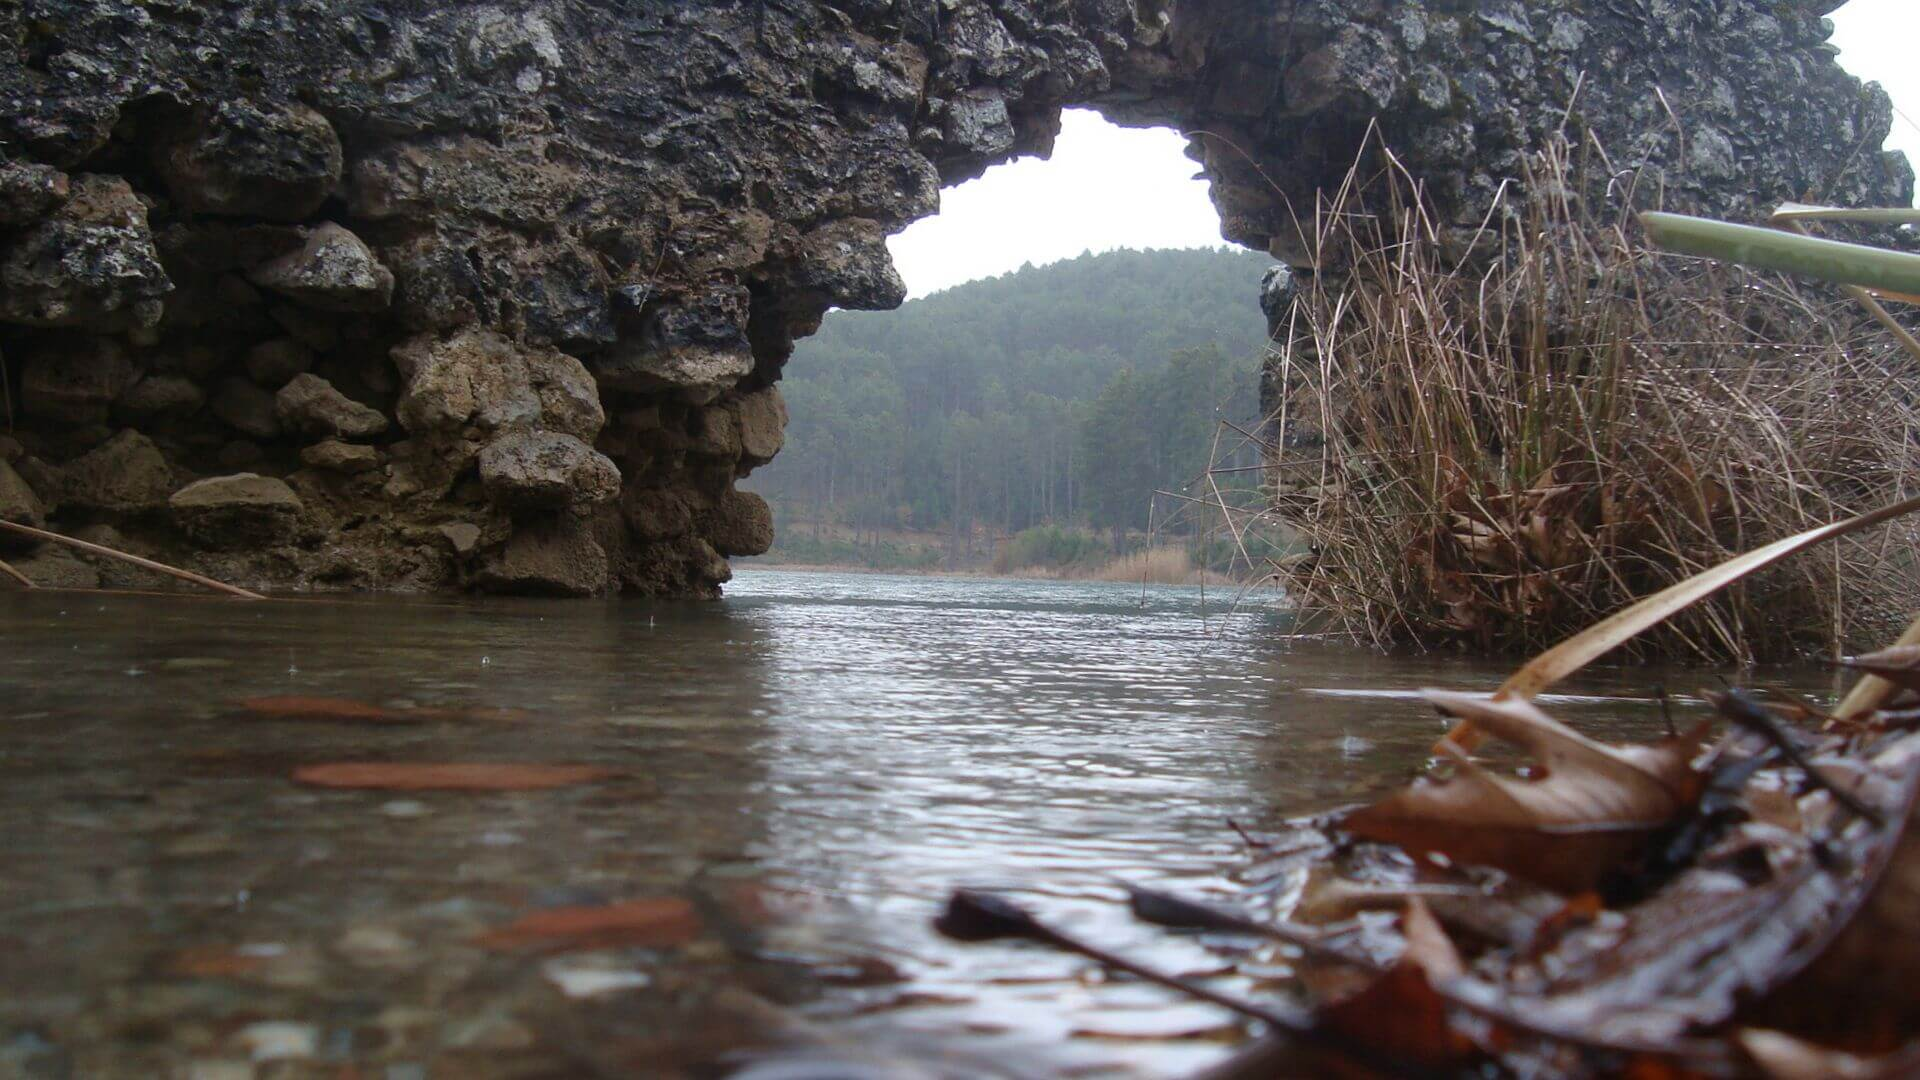 Φυσικό περιβάλλον Λίμνη Δόξα 270-xulokastro-trikala-korinthias-limni-doxa-idaniki-kontini-apodrasi